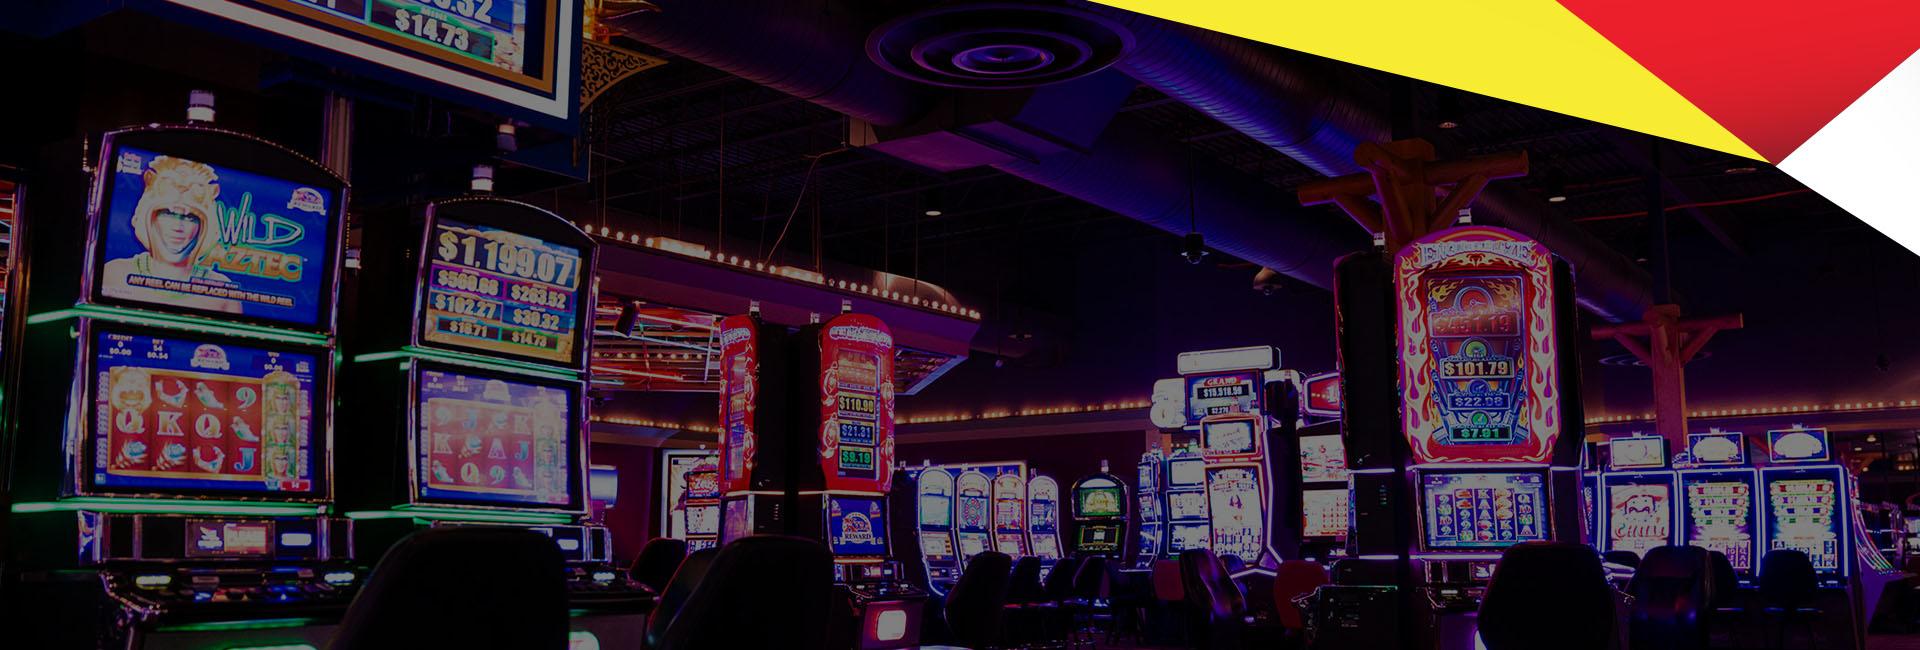 Эмуляторы игровых автоматов бесплатны